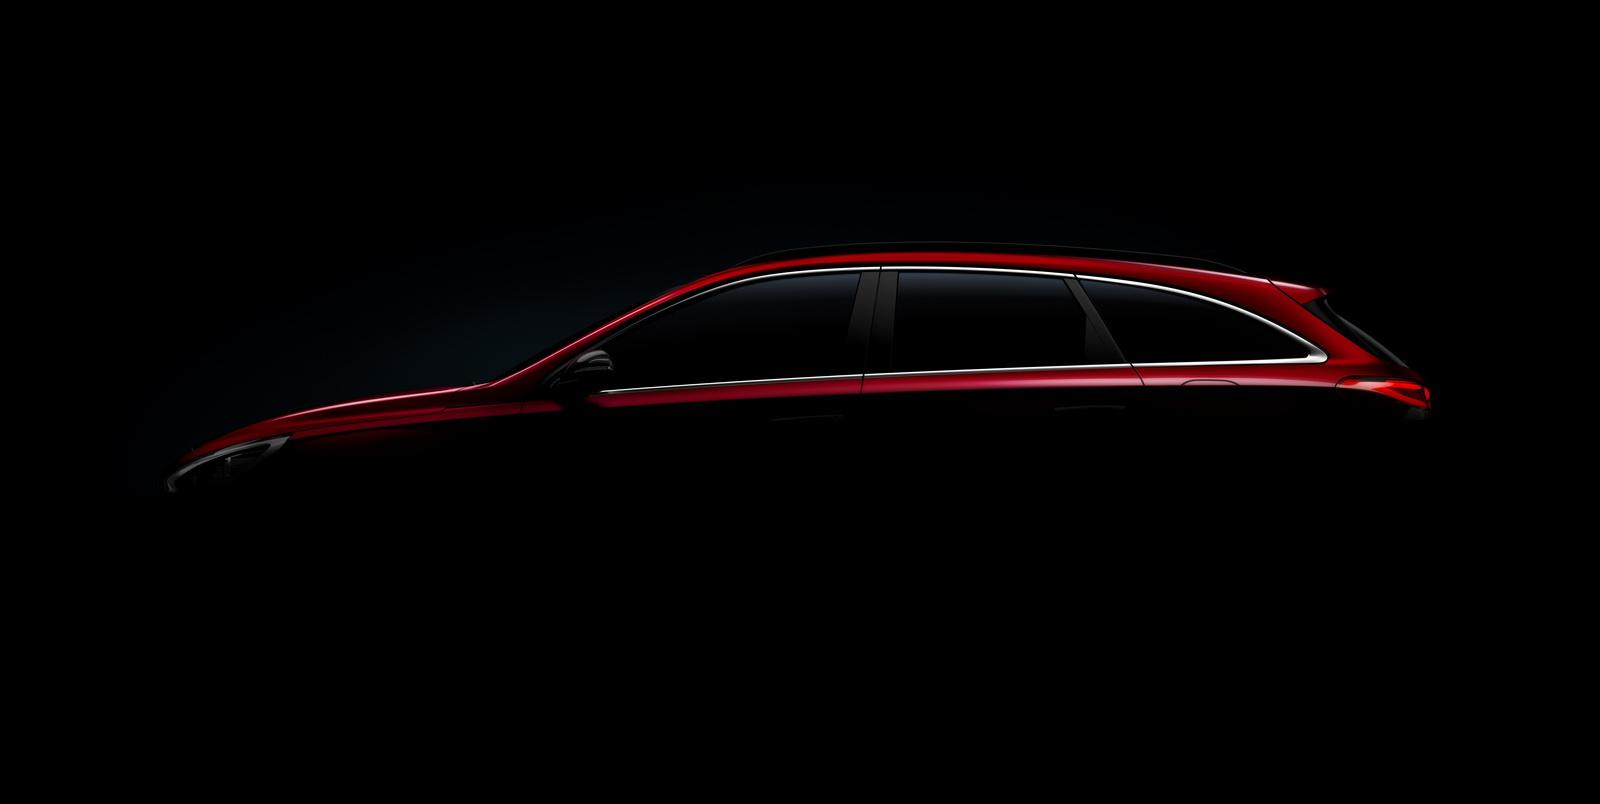 Hyundai i30 CW Teaser